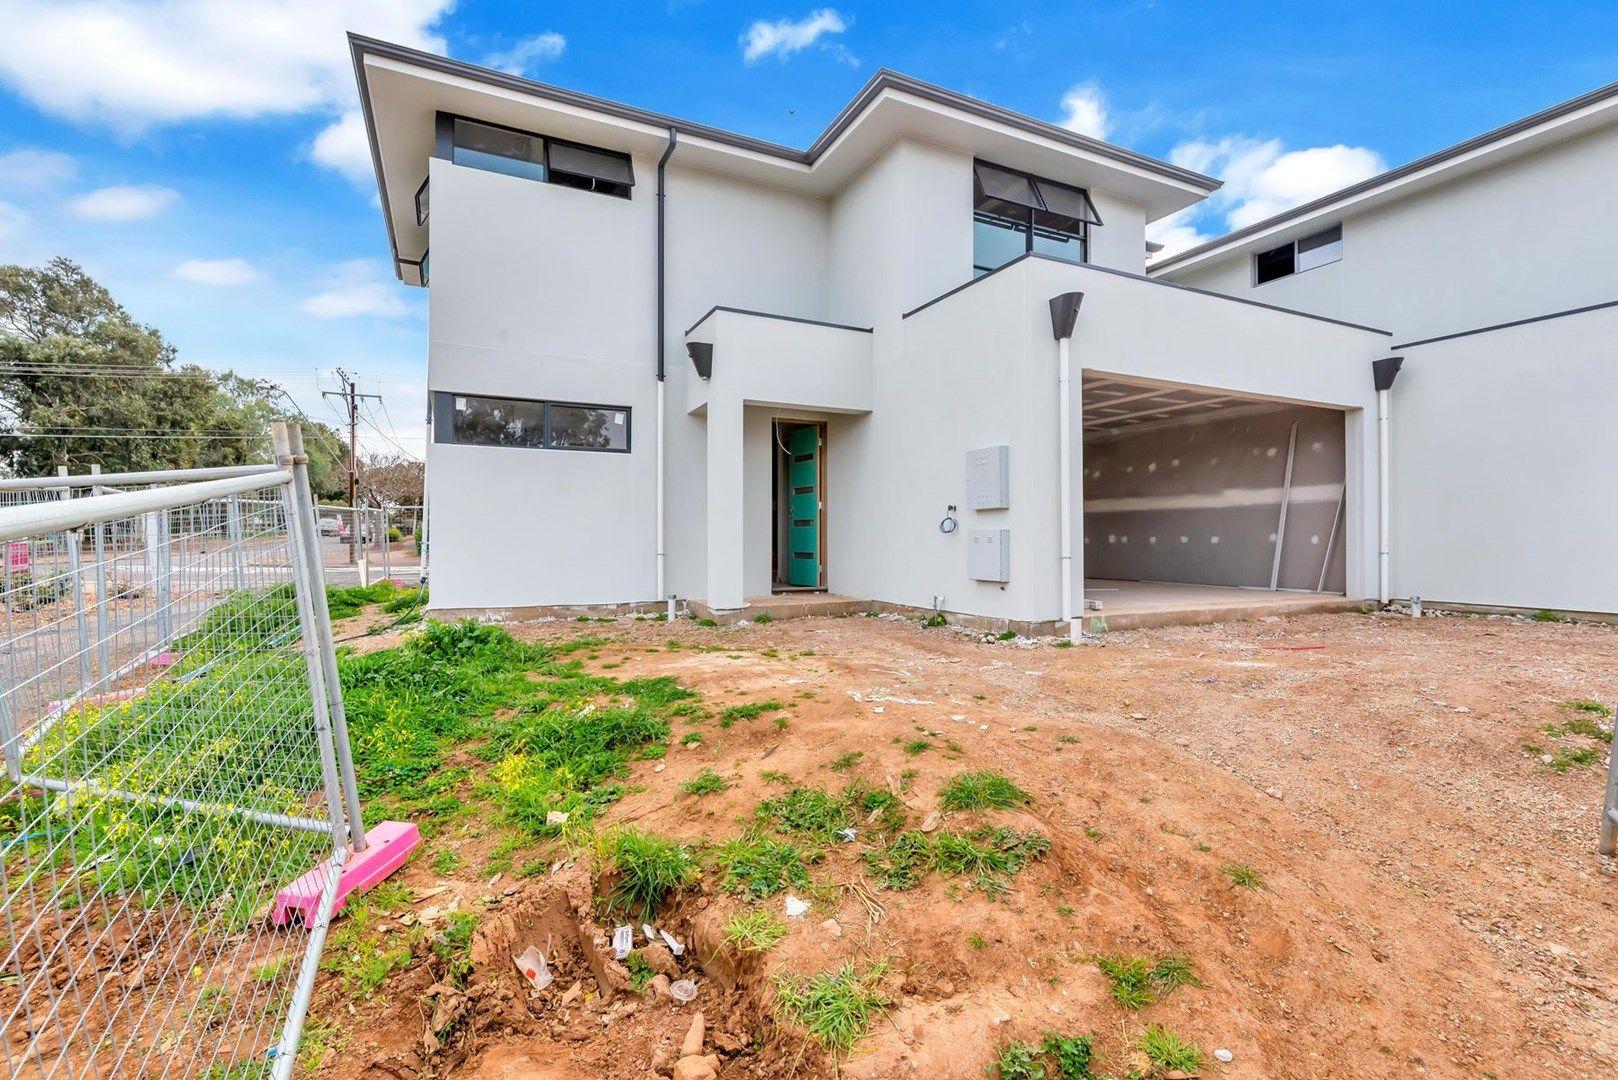 D3/24 Lorenz Street, Campbelltown SA 5074, Image 0